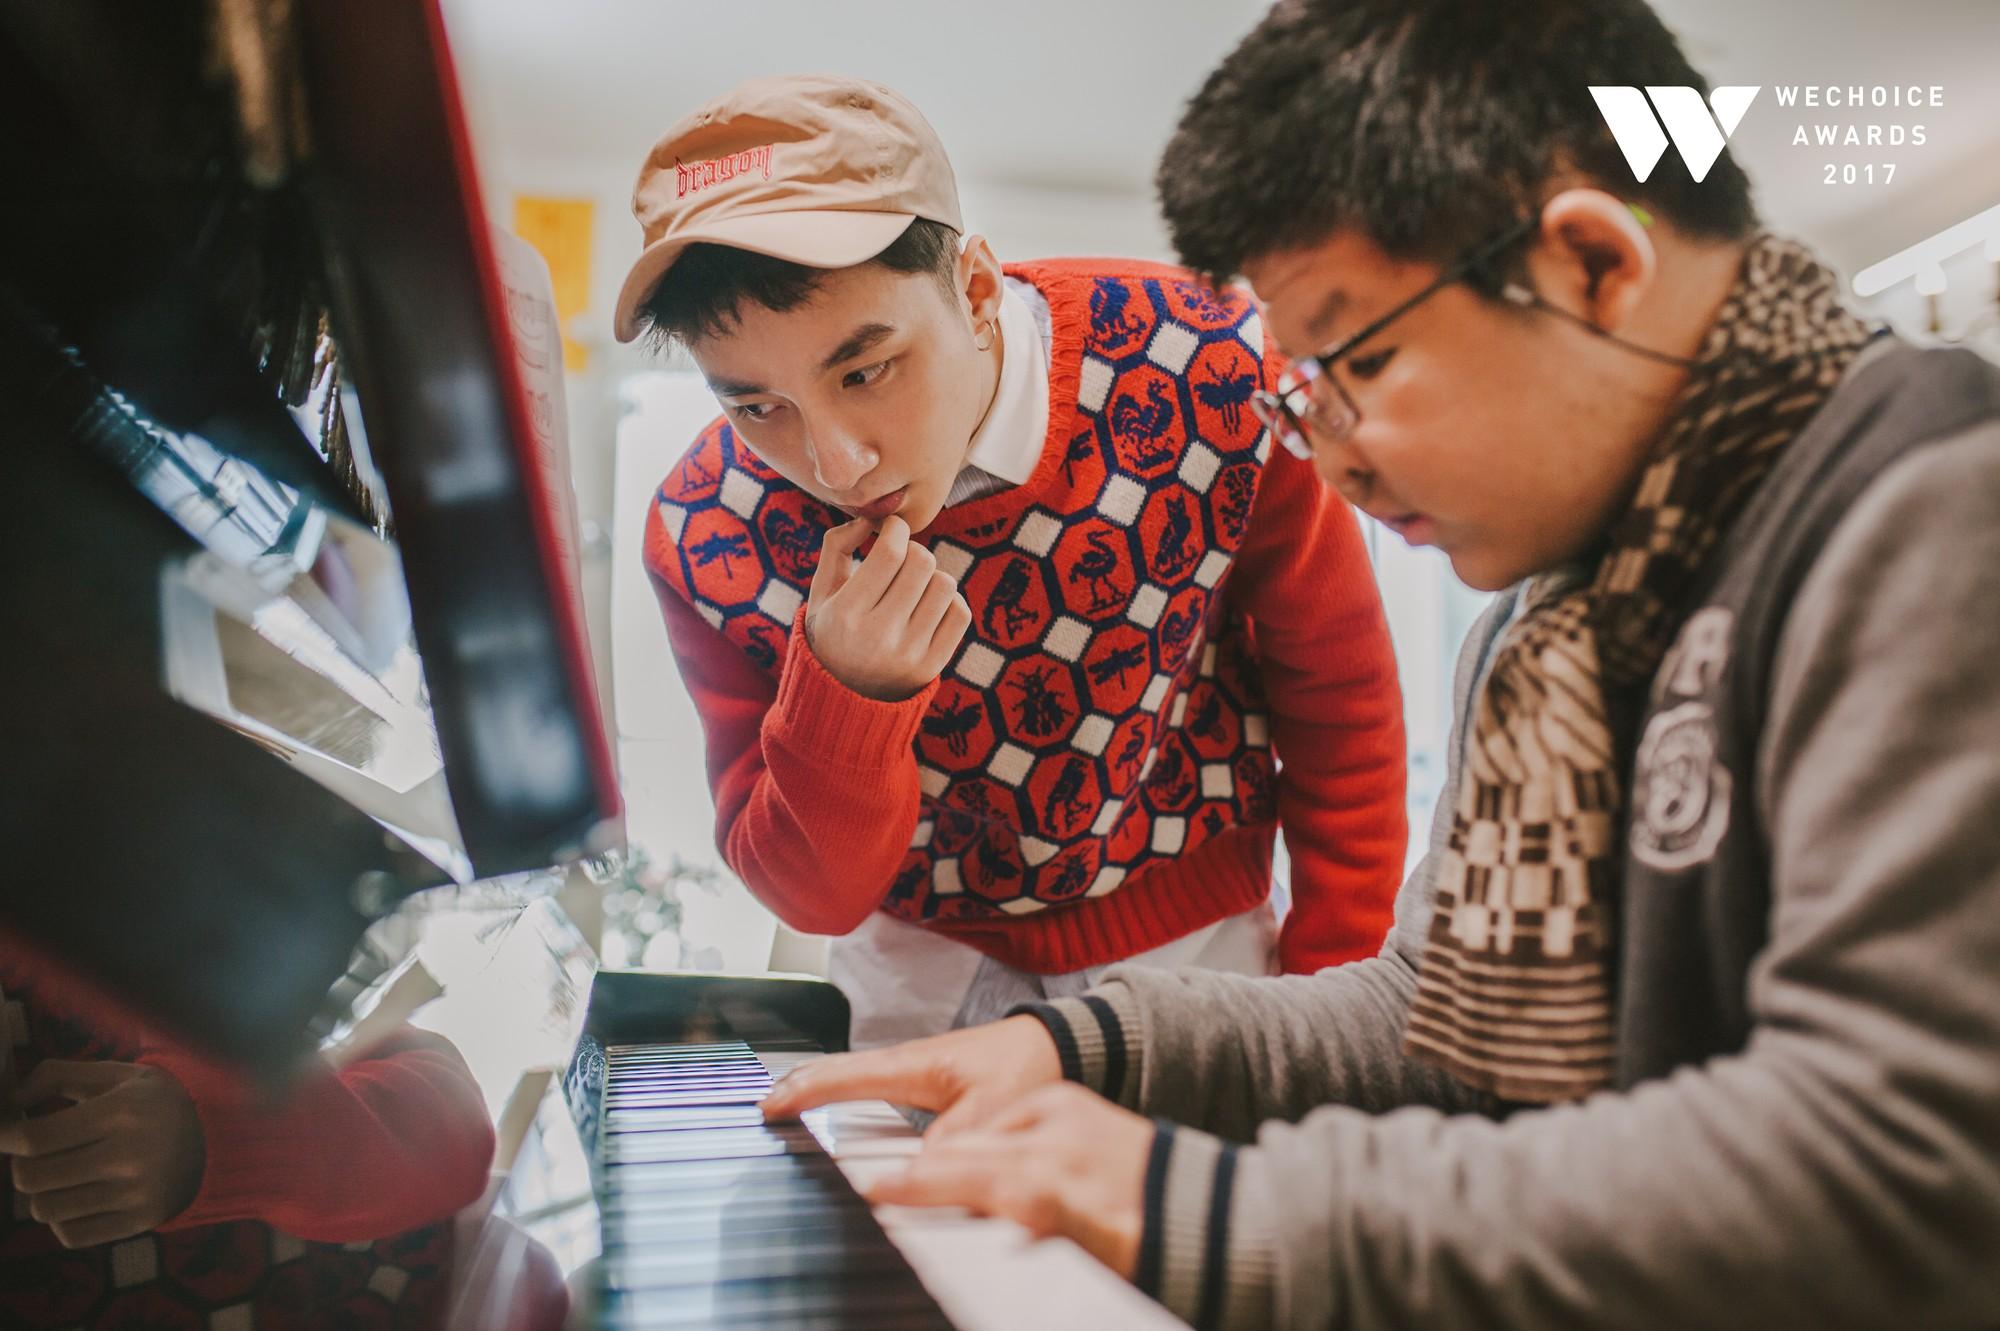 Khoảnh khắc đẹp: Sơn Tùng và bé Bôm hoà chung đam mê qua tiếng đàn, tập luyện cho sân khấu đặc biệt Gala WeChoice Awards 2017 - Ảnh 13.